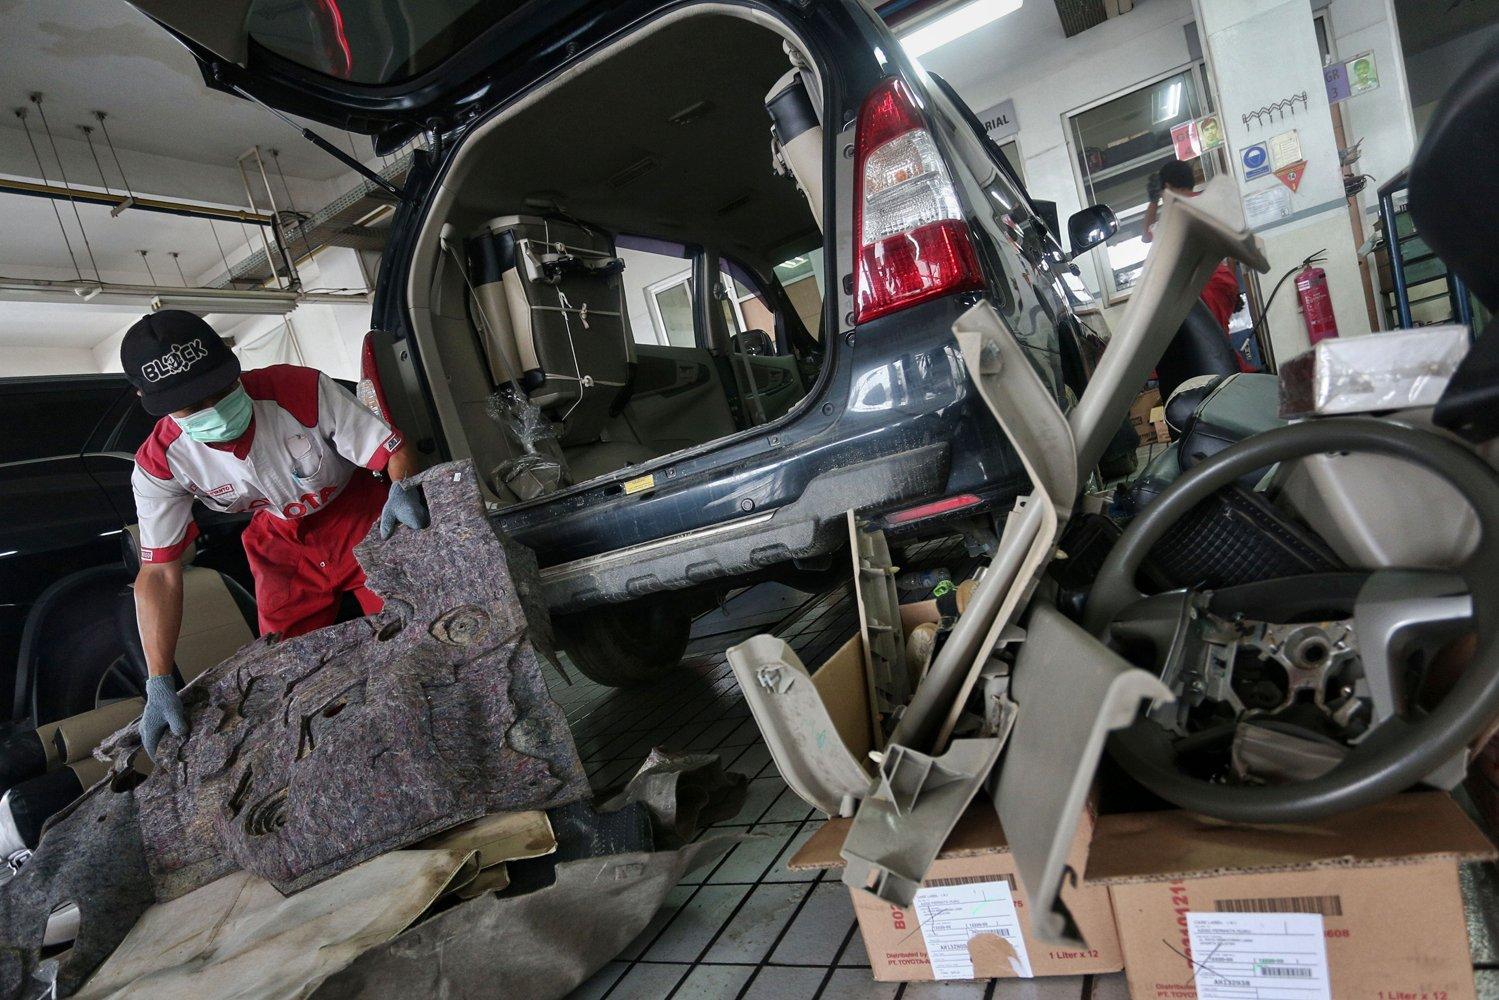 Petugas menyelesaikan perbaikan mobil yang terkena banjir di bengkel Auto2000 Permata Hijau, Jakarat, Senin (6/1/2020). Pasca banjir yang melanda kawasan tersebut pada 1 - 3 Januari, tercatat 40 mobil silih bergantian memasuki bengkel untuk diperbaiki.